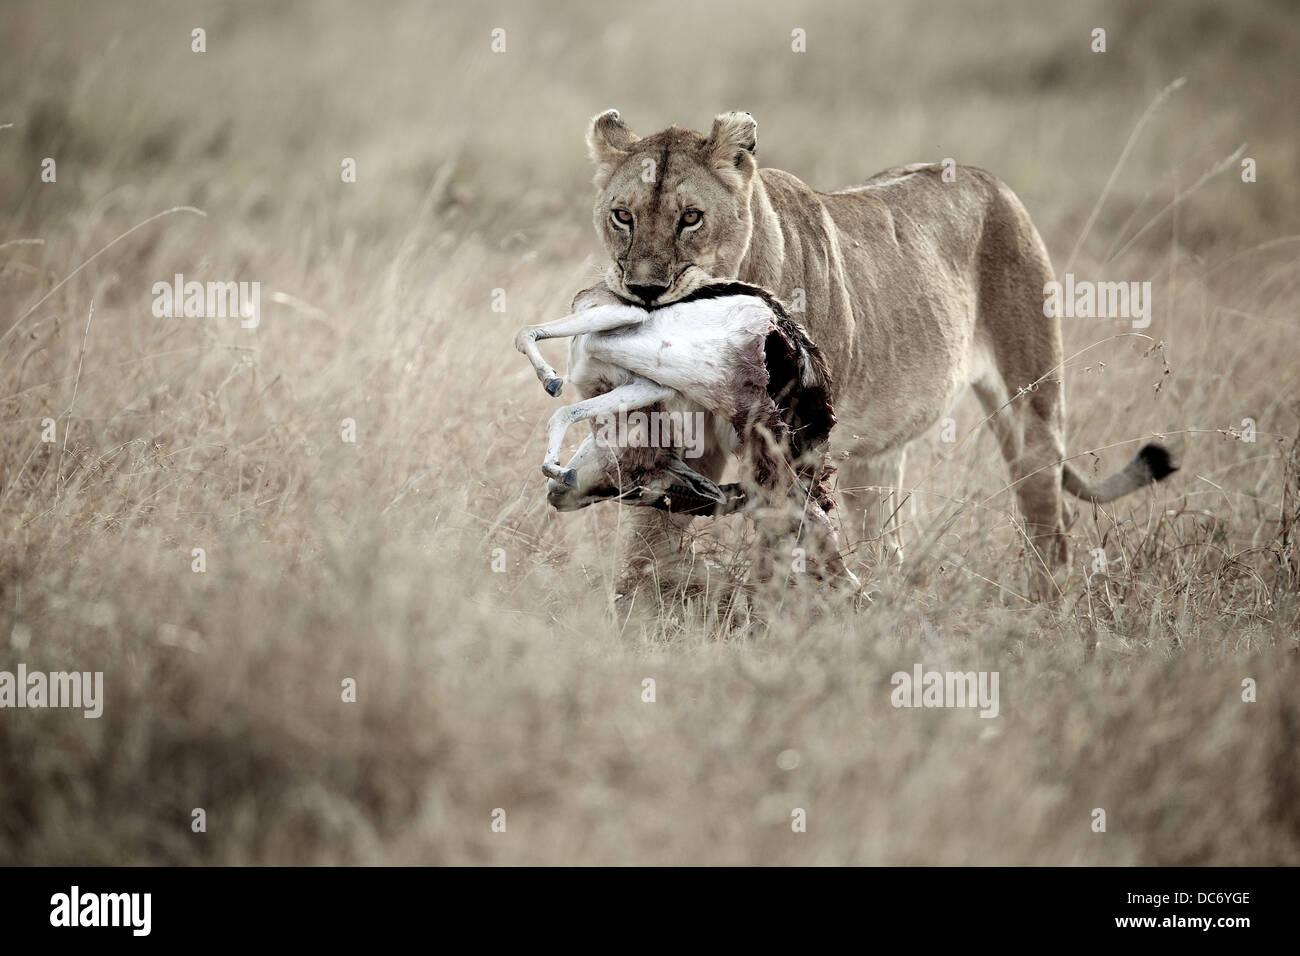 Weibliche Löwen Mutter mit Gazelle Beute. Serengeti. Tansania Afrika. Stockbild